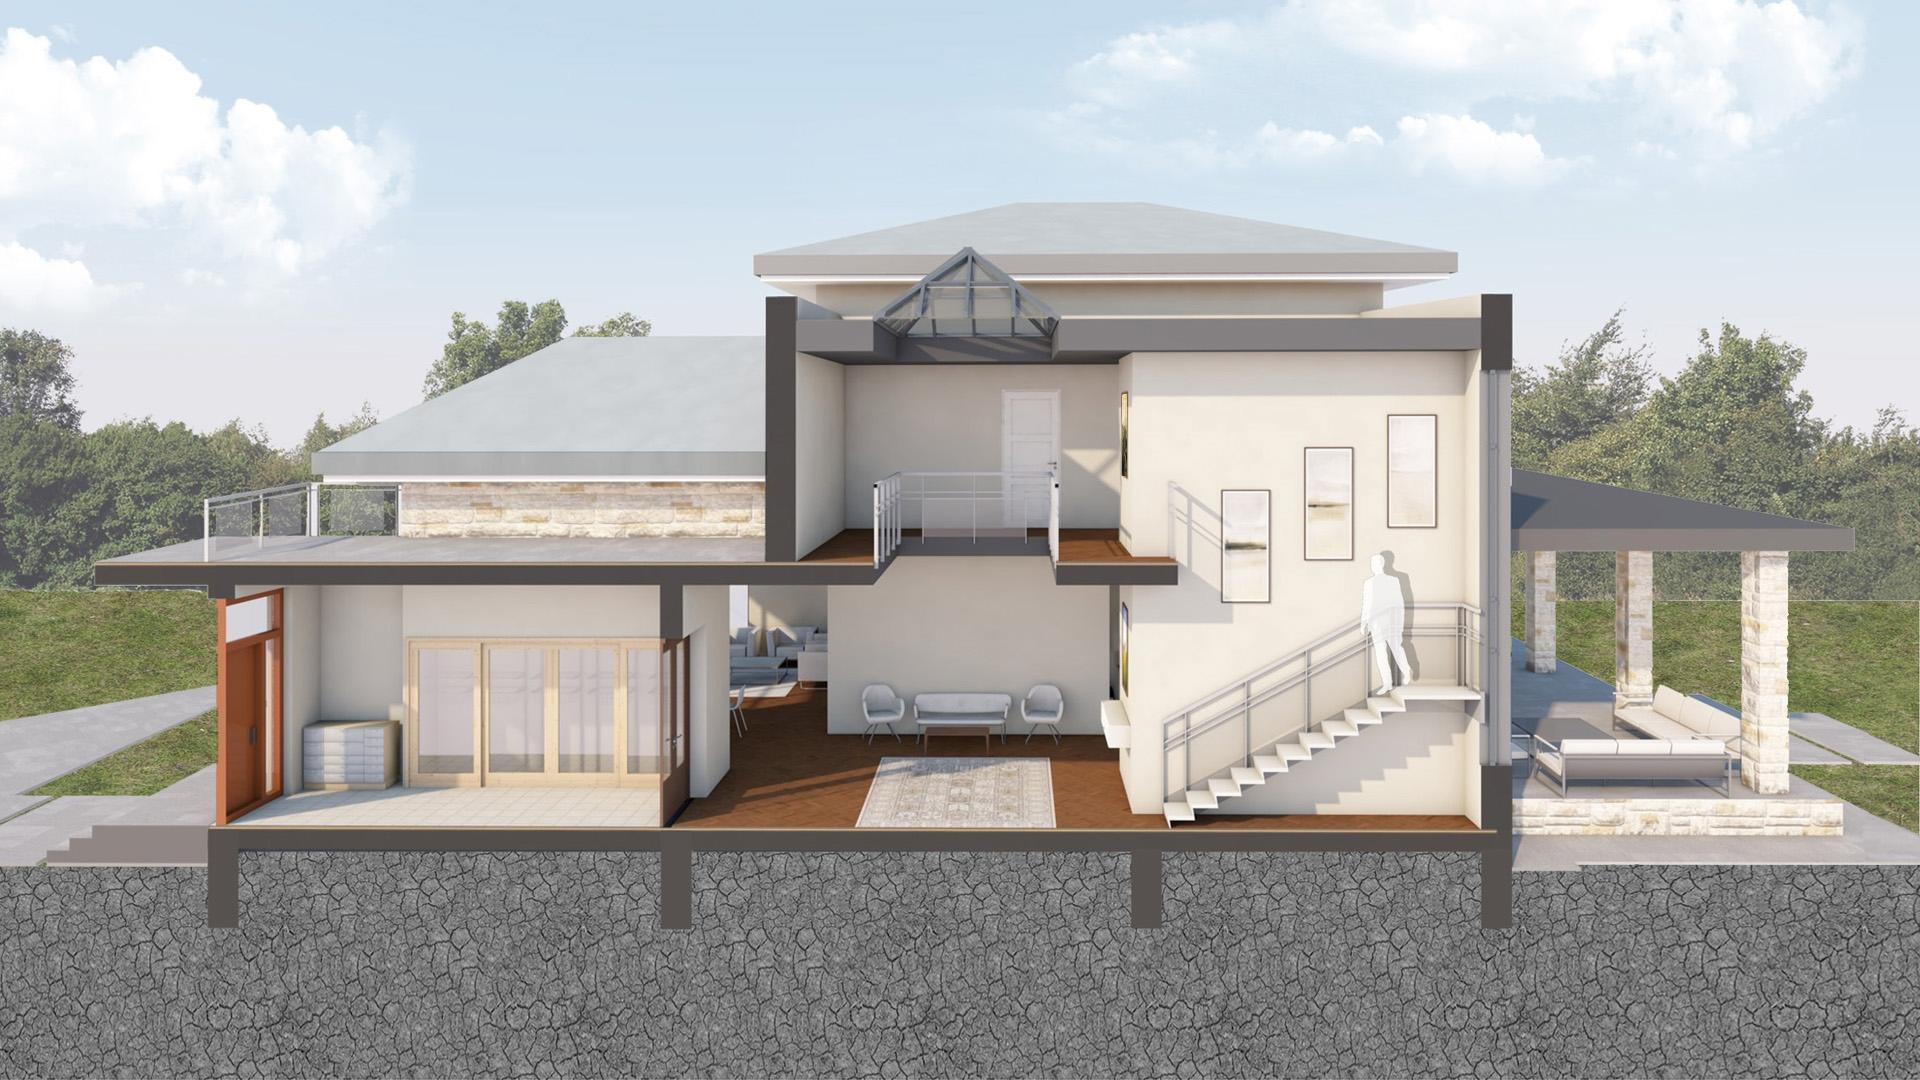 Изображение для проекта Проект современного особняка в Бишкеке 2048